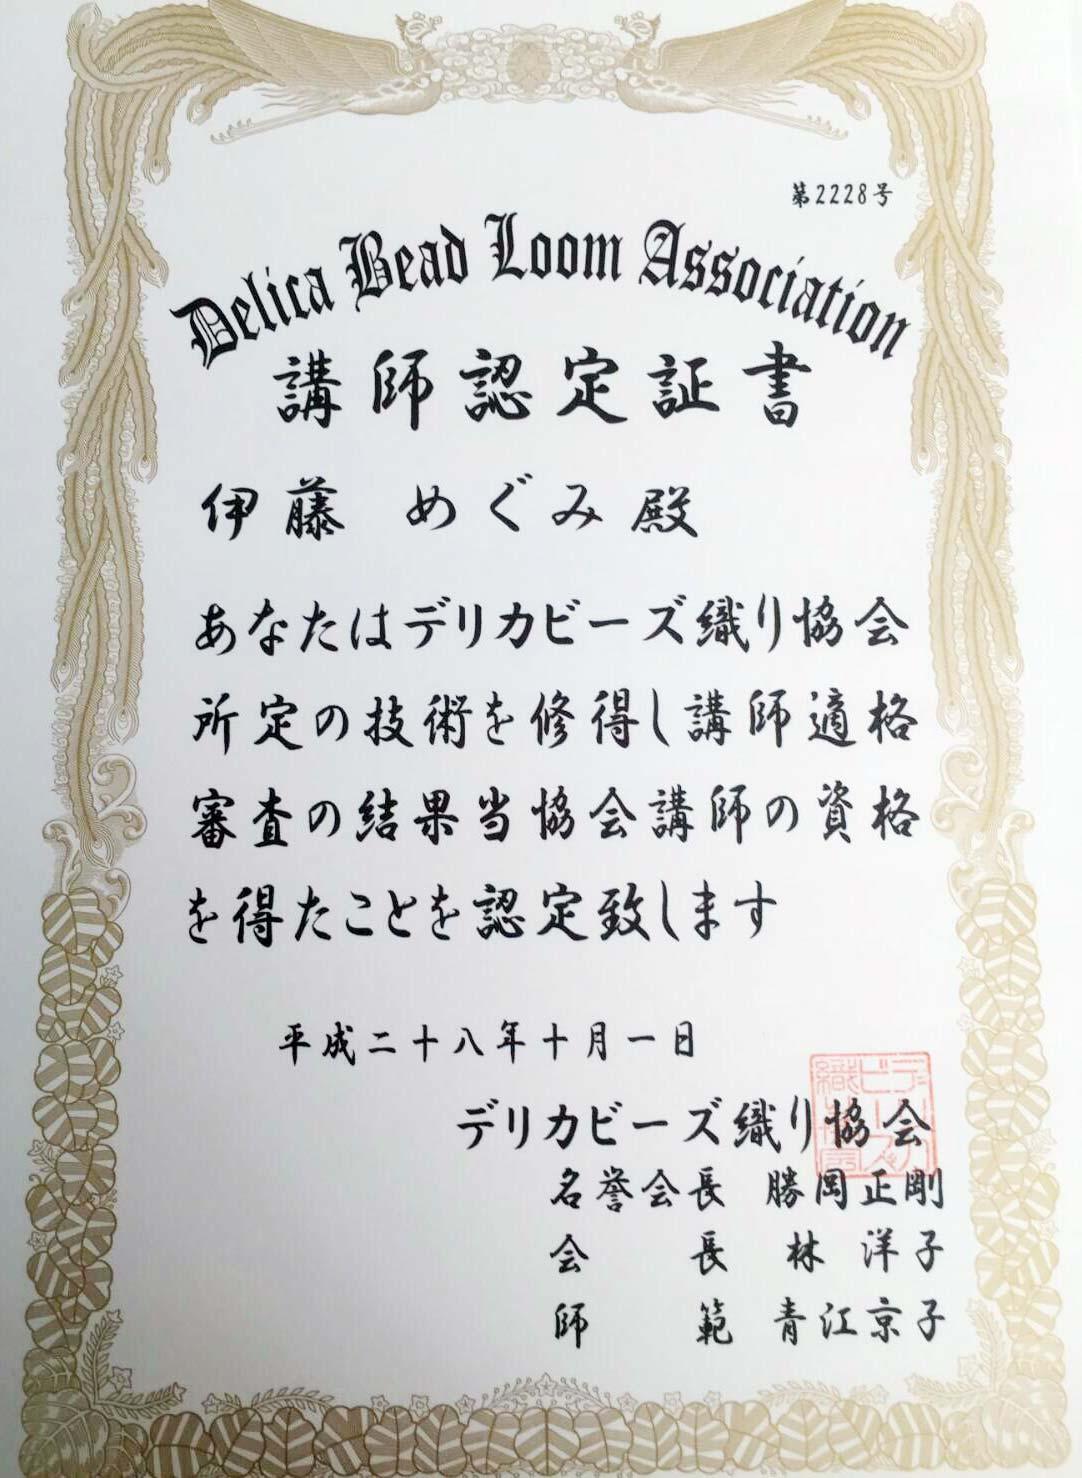 デリカビーズ織り協会|講師認定証書